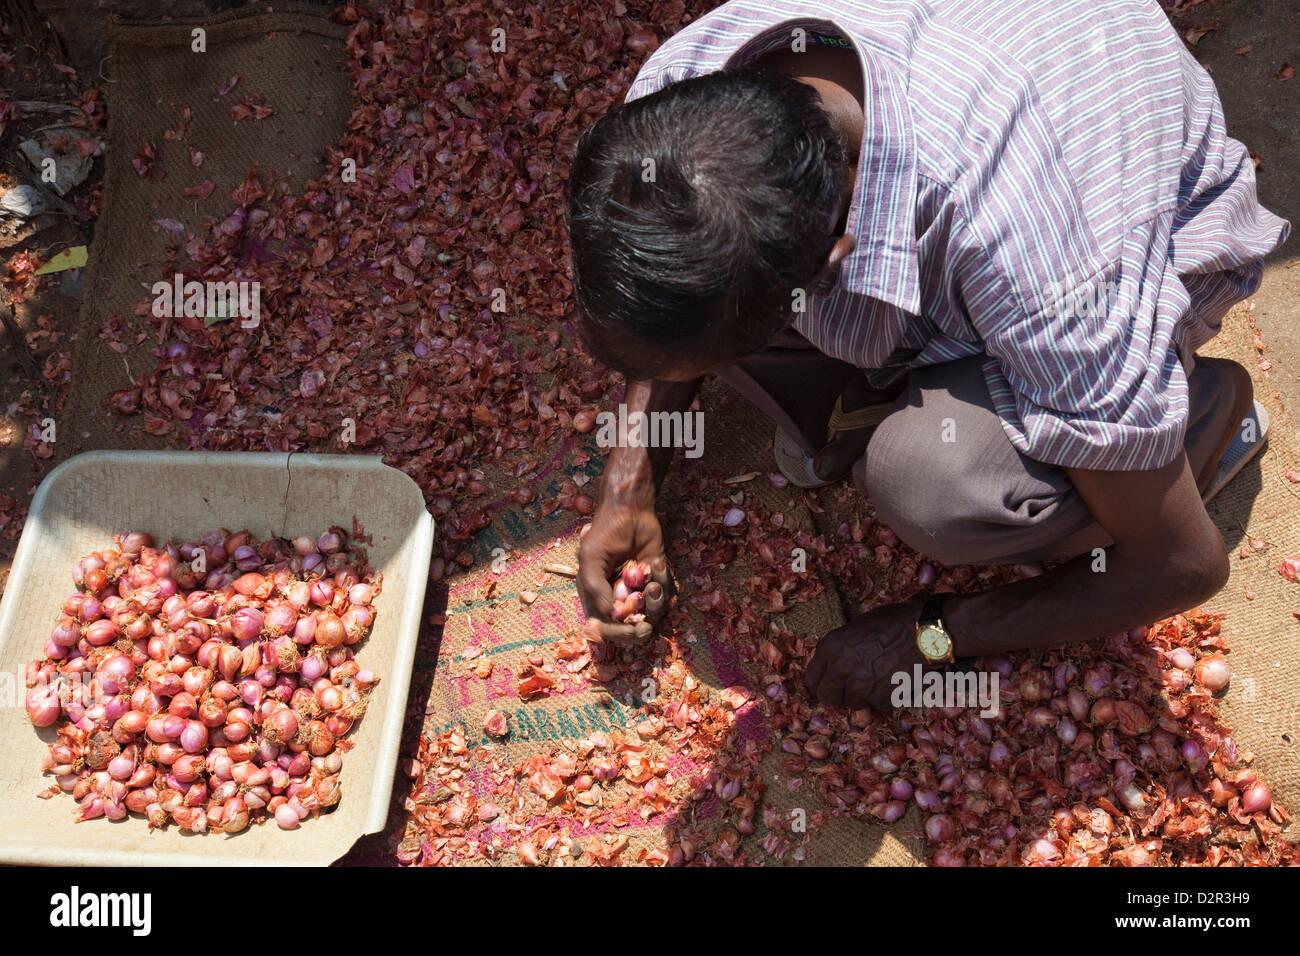 Cebolla vendedor ordenar su acción en la calle en Munnar, Kerala, India, Asia Imagen De Stock